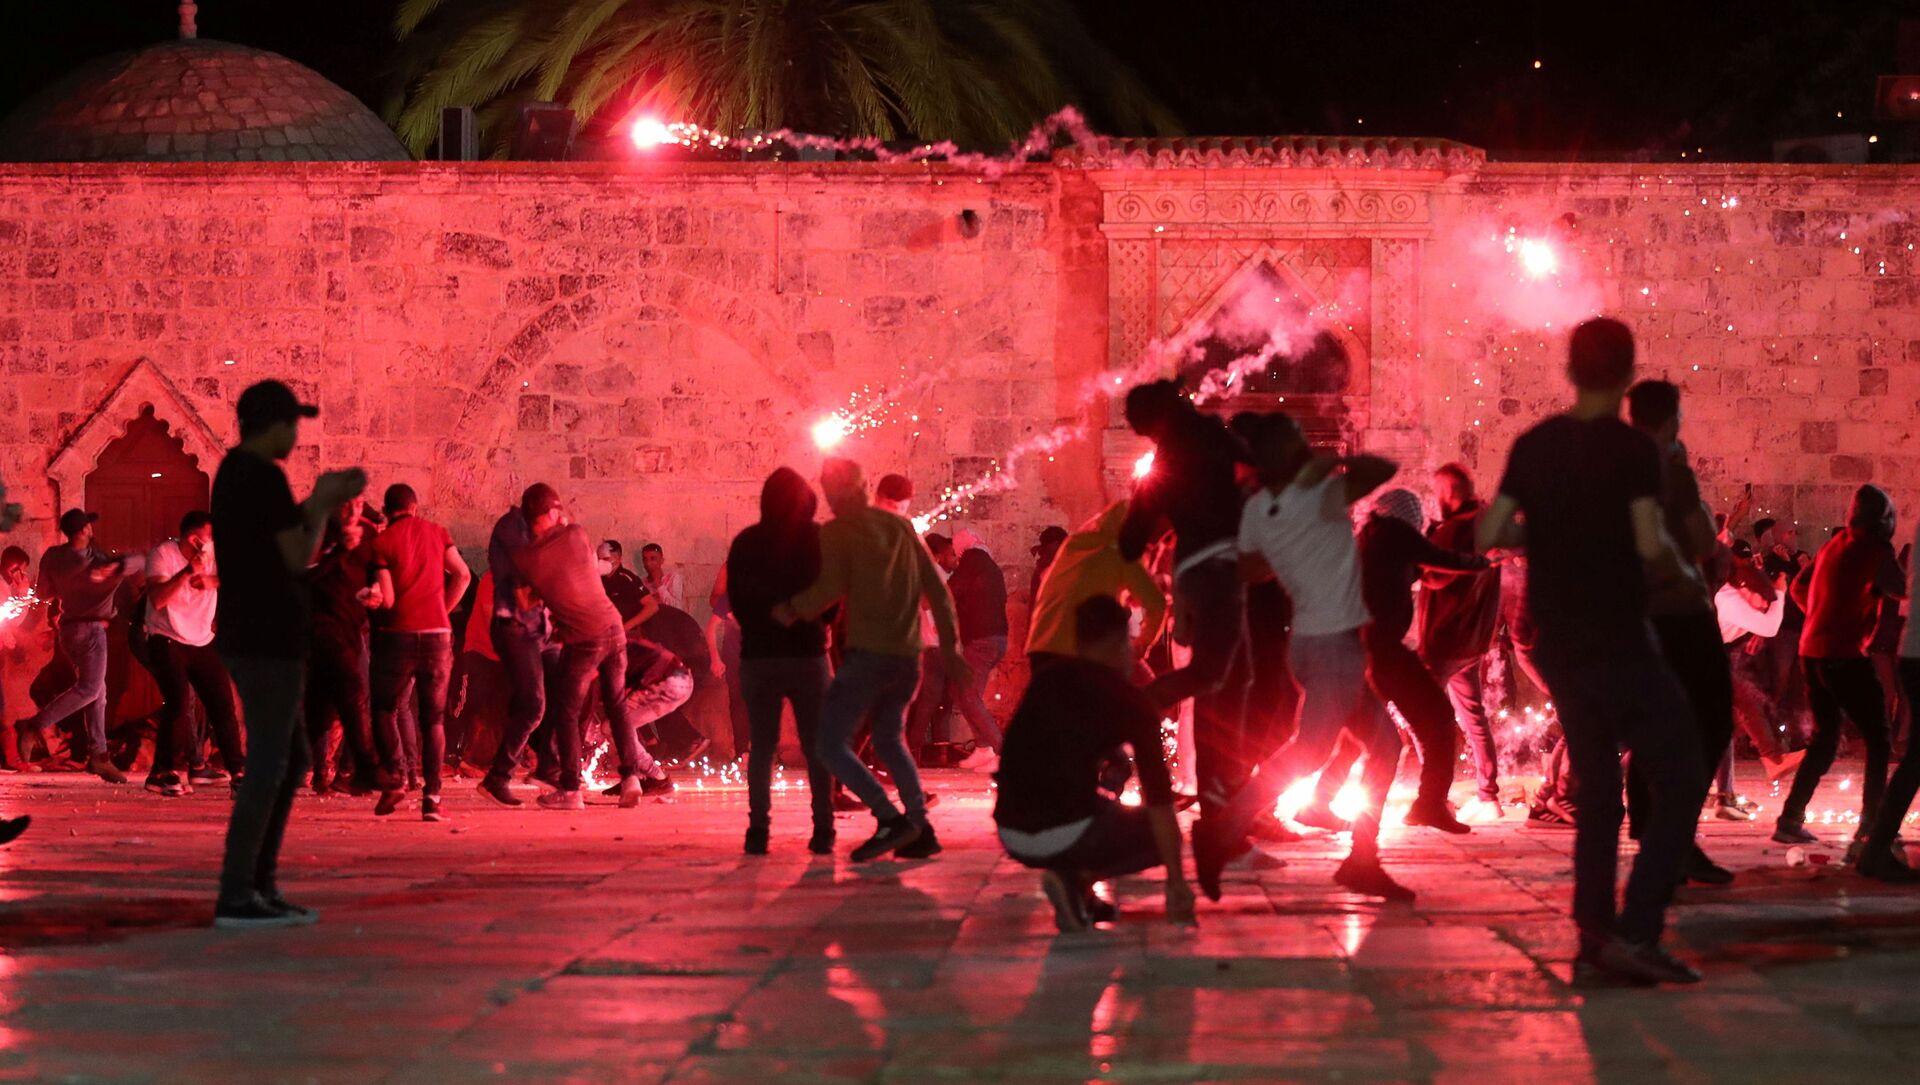 Palestyńczycy reagują jak izraelska policja wystrzeliwuje granaty w dzielnicy Sheikh Jarrah na Starym Mieście w Jerozolimie, 7 maja 2021 r - Sputnik Polska, 1920, 08.05.2021